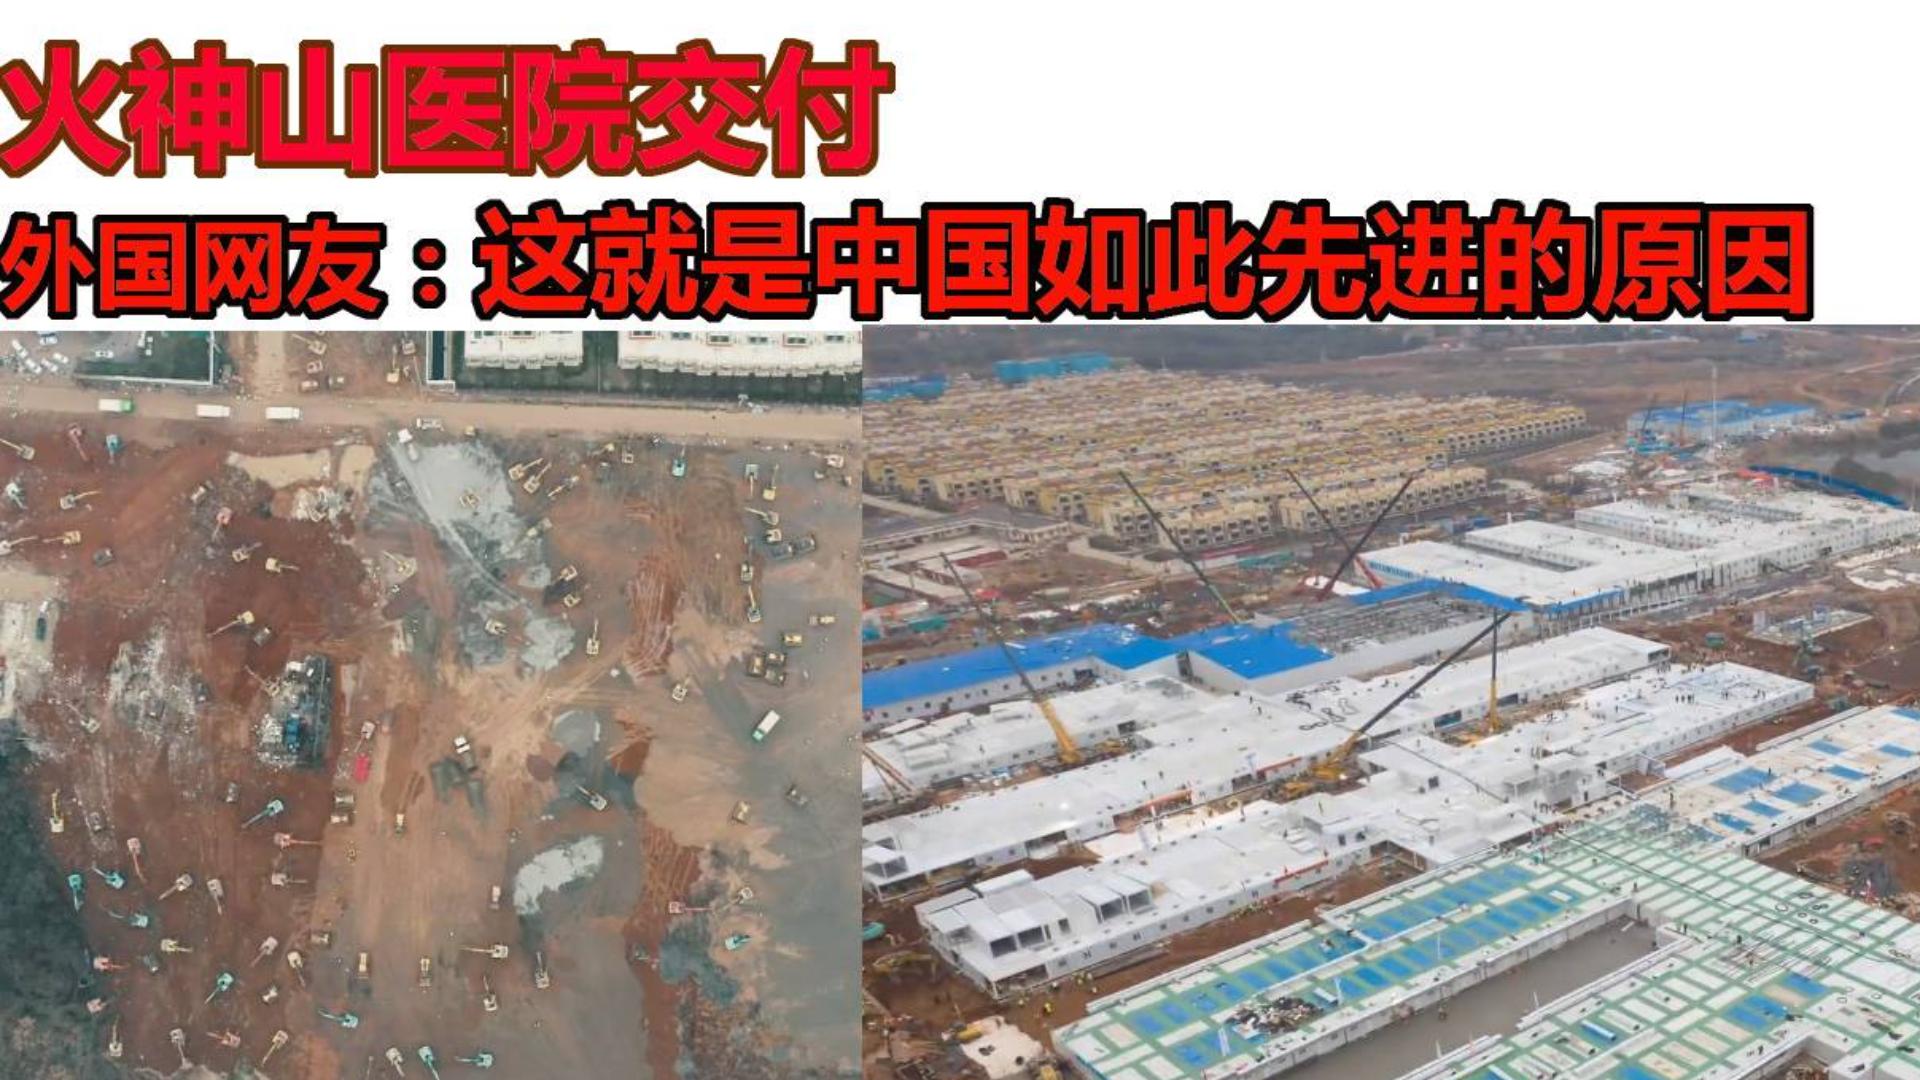 火神山医院交付 外国网友:这就是中国如此先进的原因